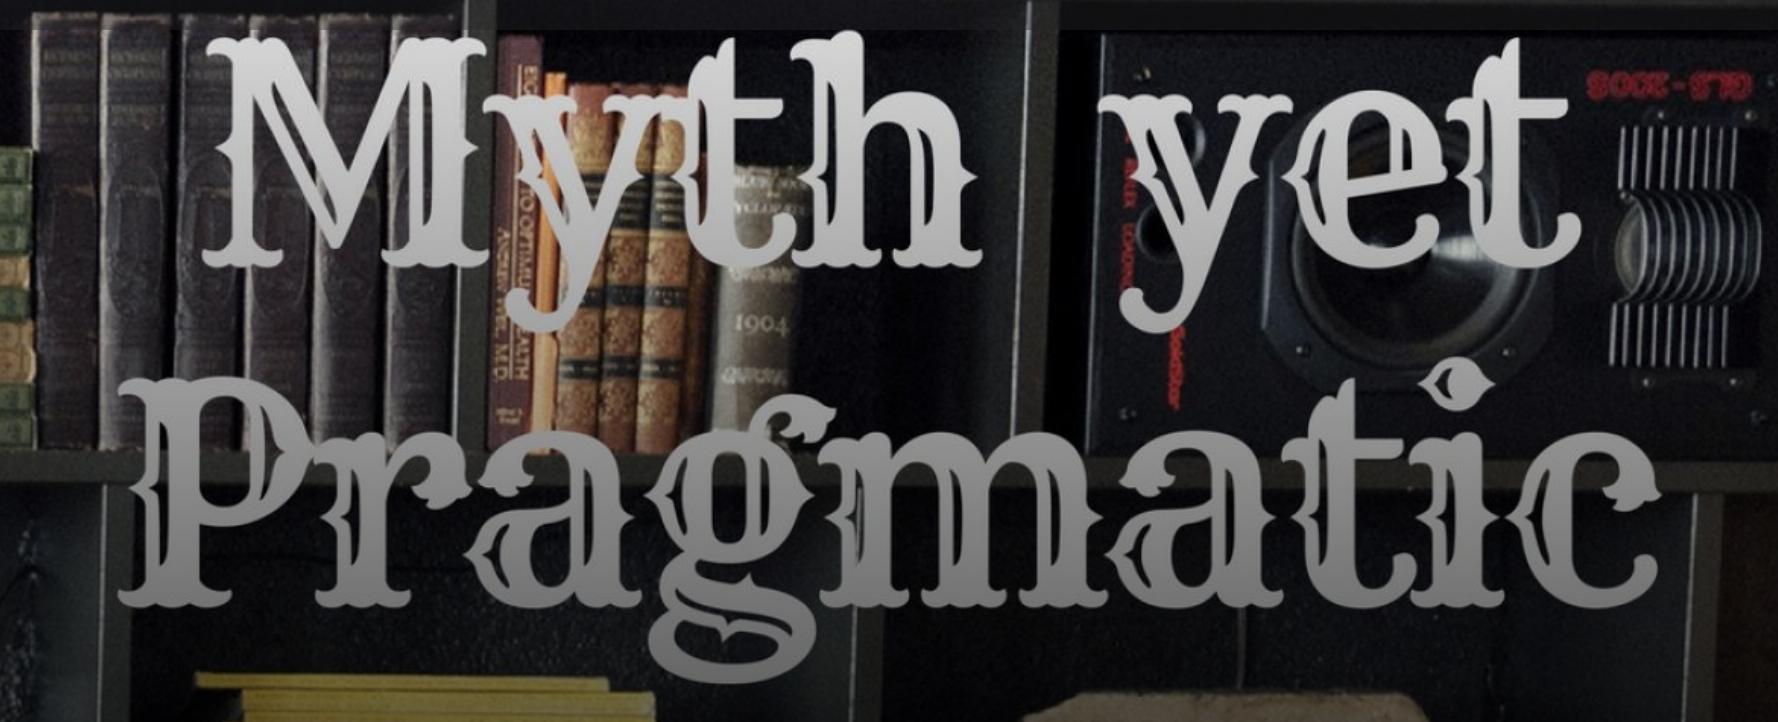 mythyetpragmatic